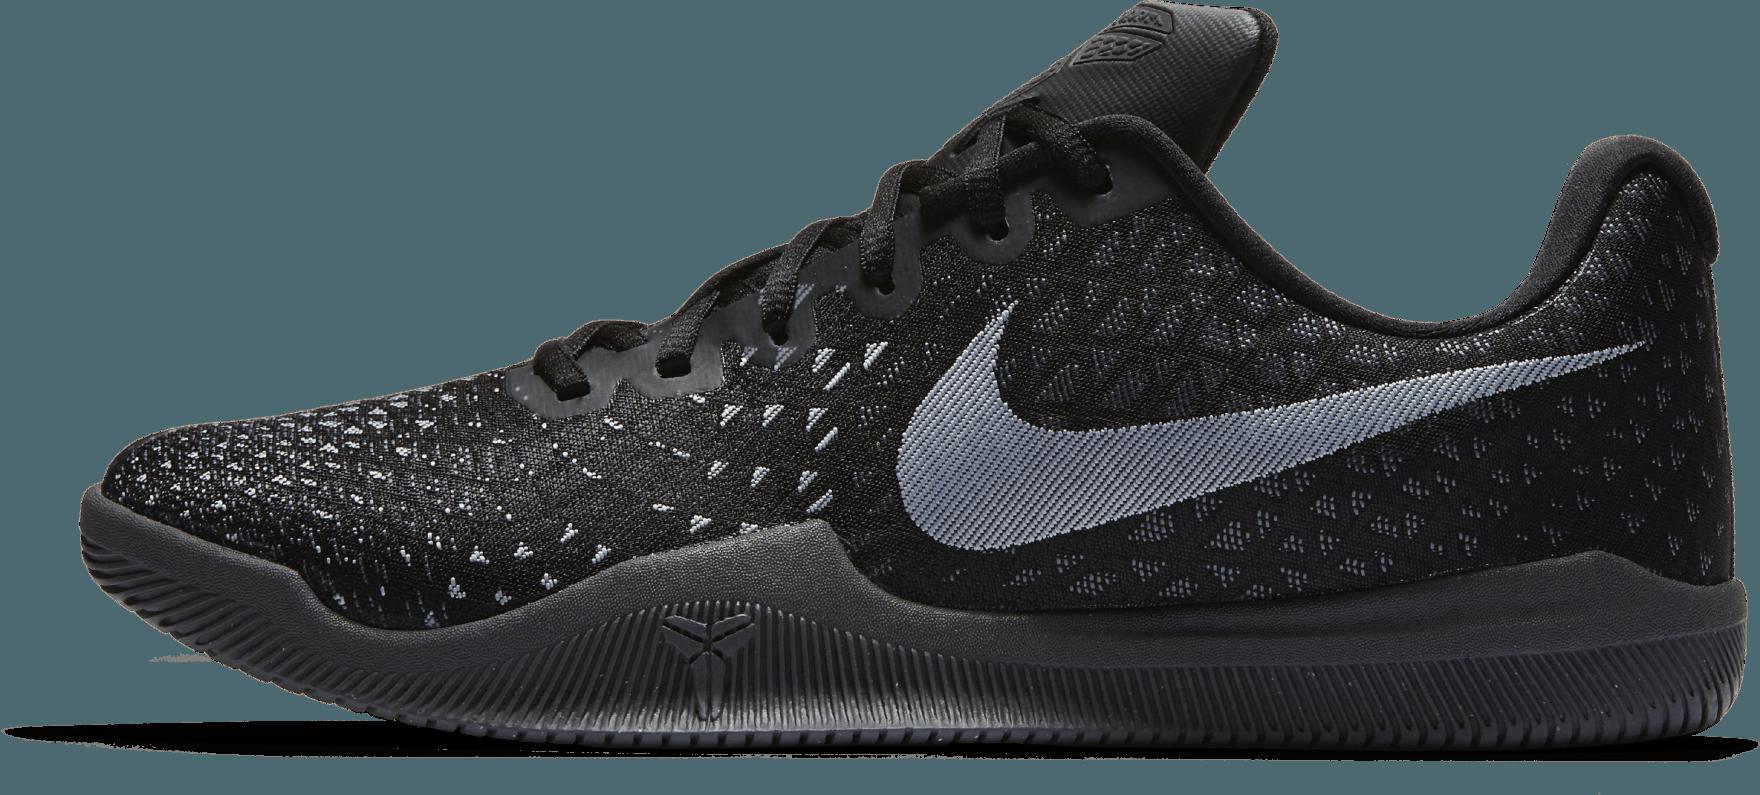 Nike Mamba Instinct Performance Review